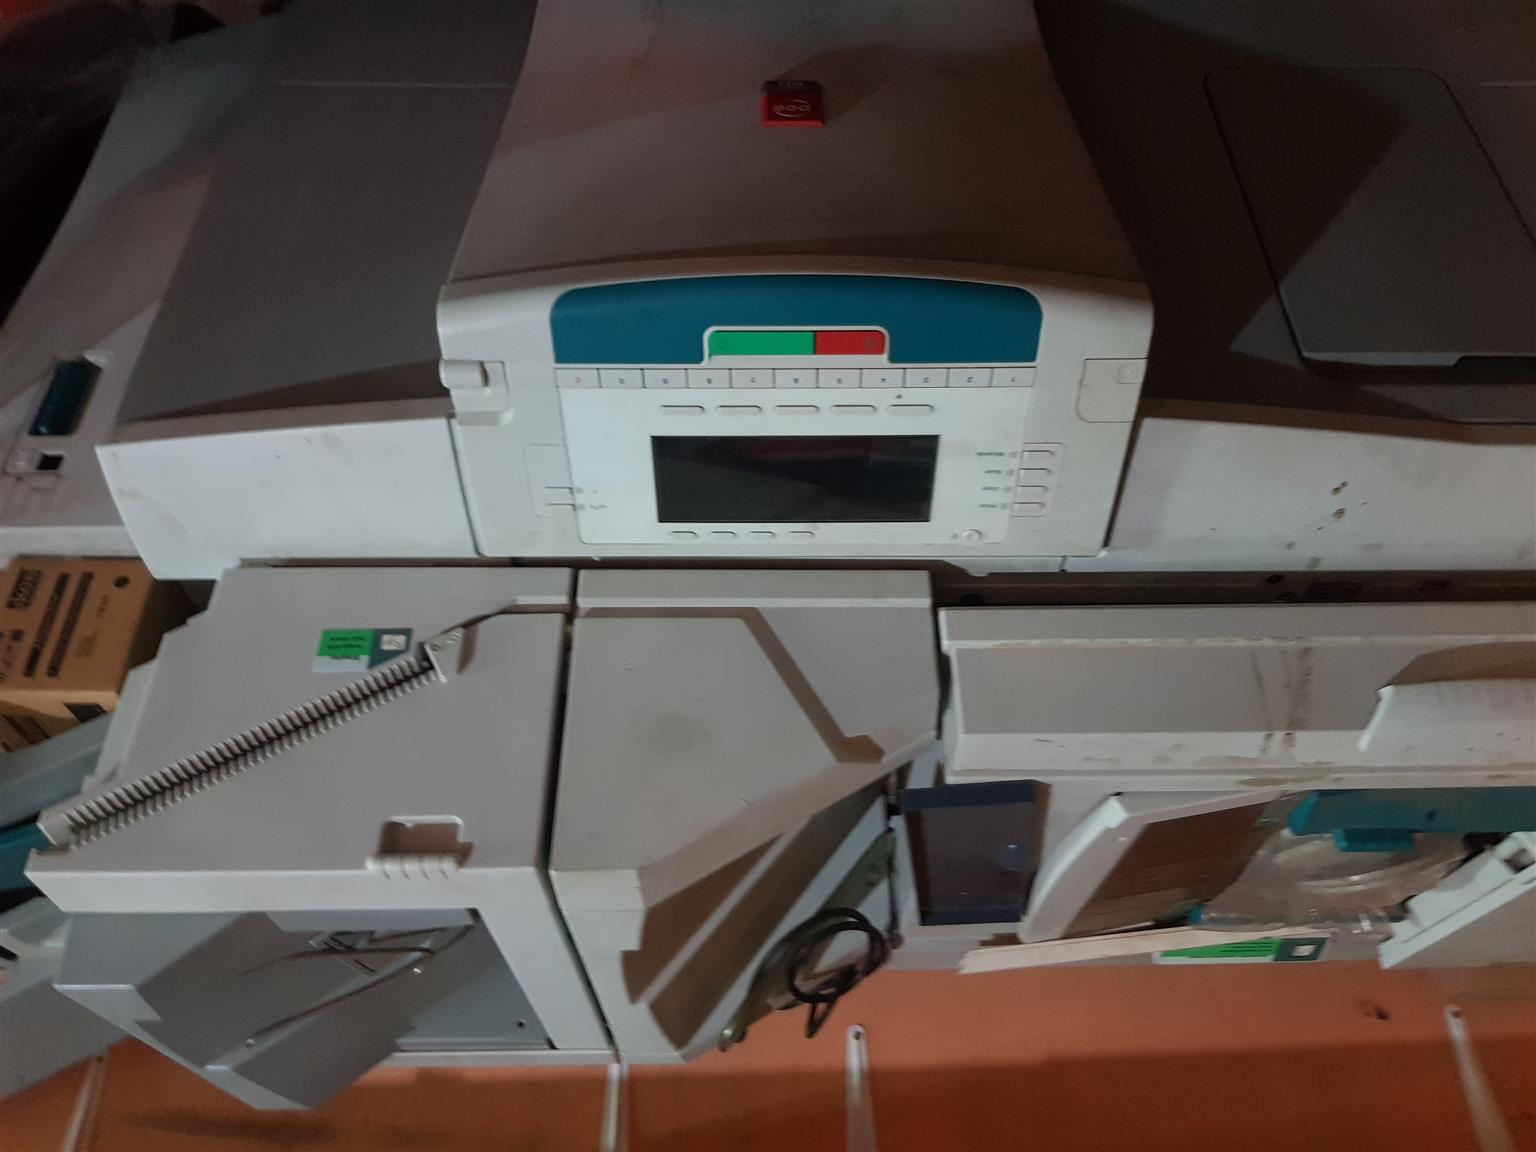 Printshop and Internet Cafe Equipment